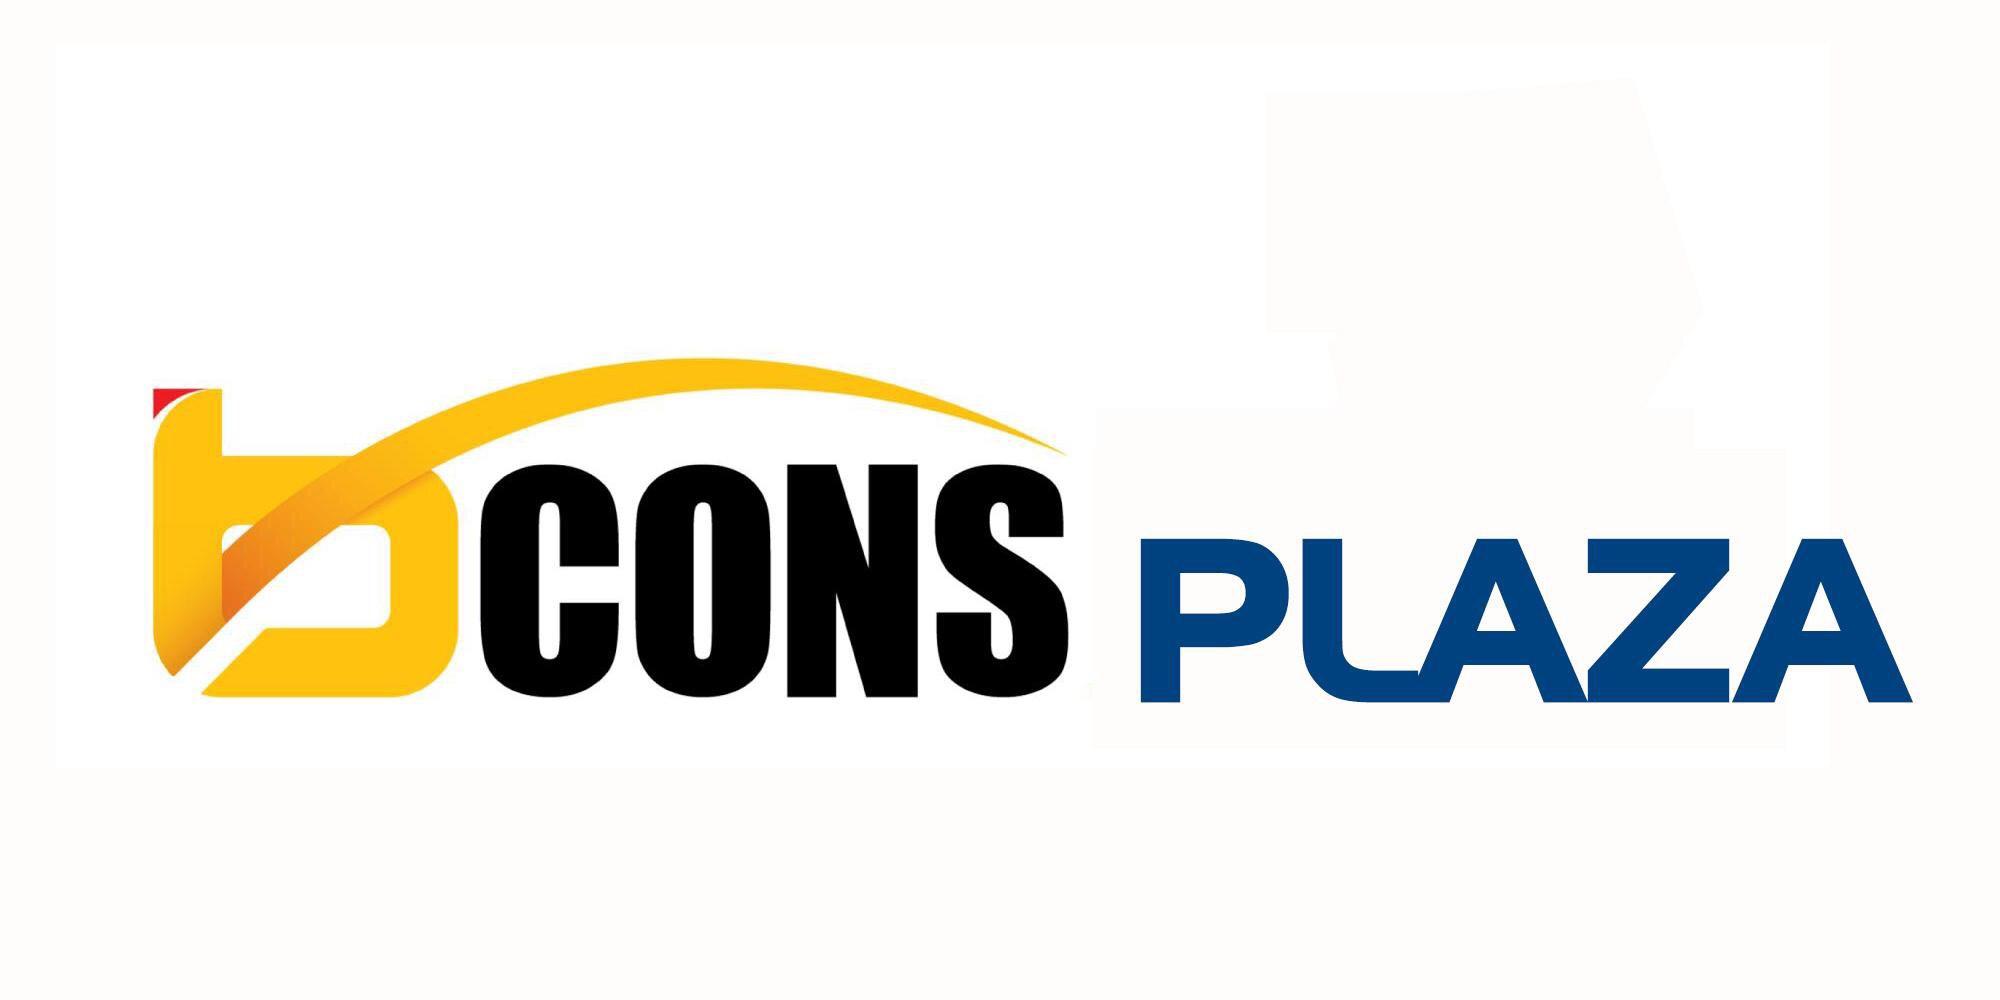 dự án bcons plaza